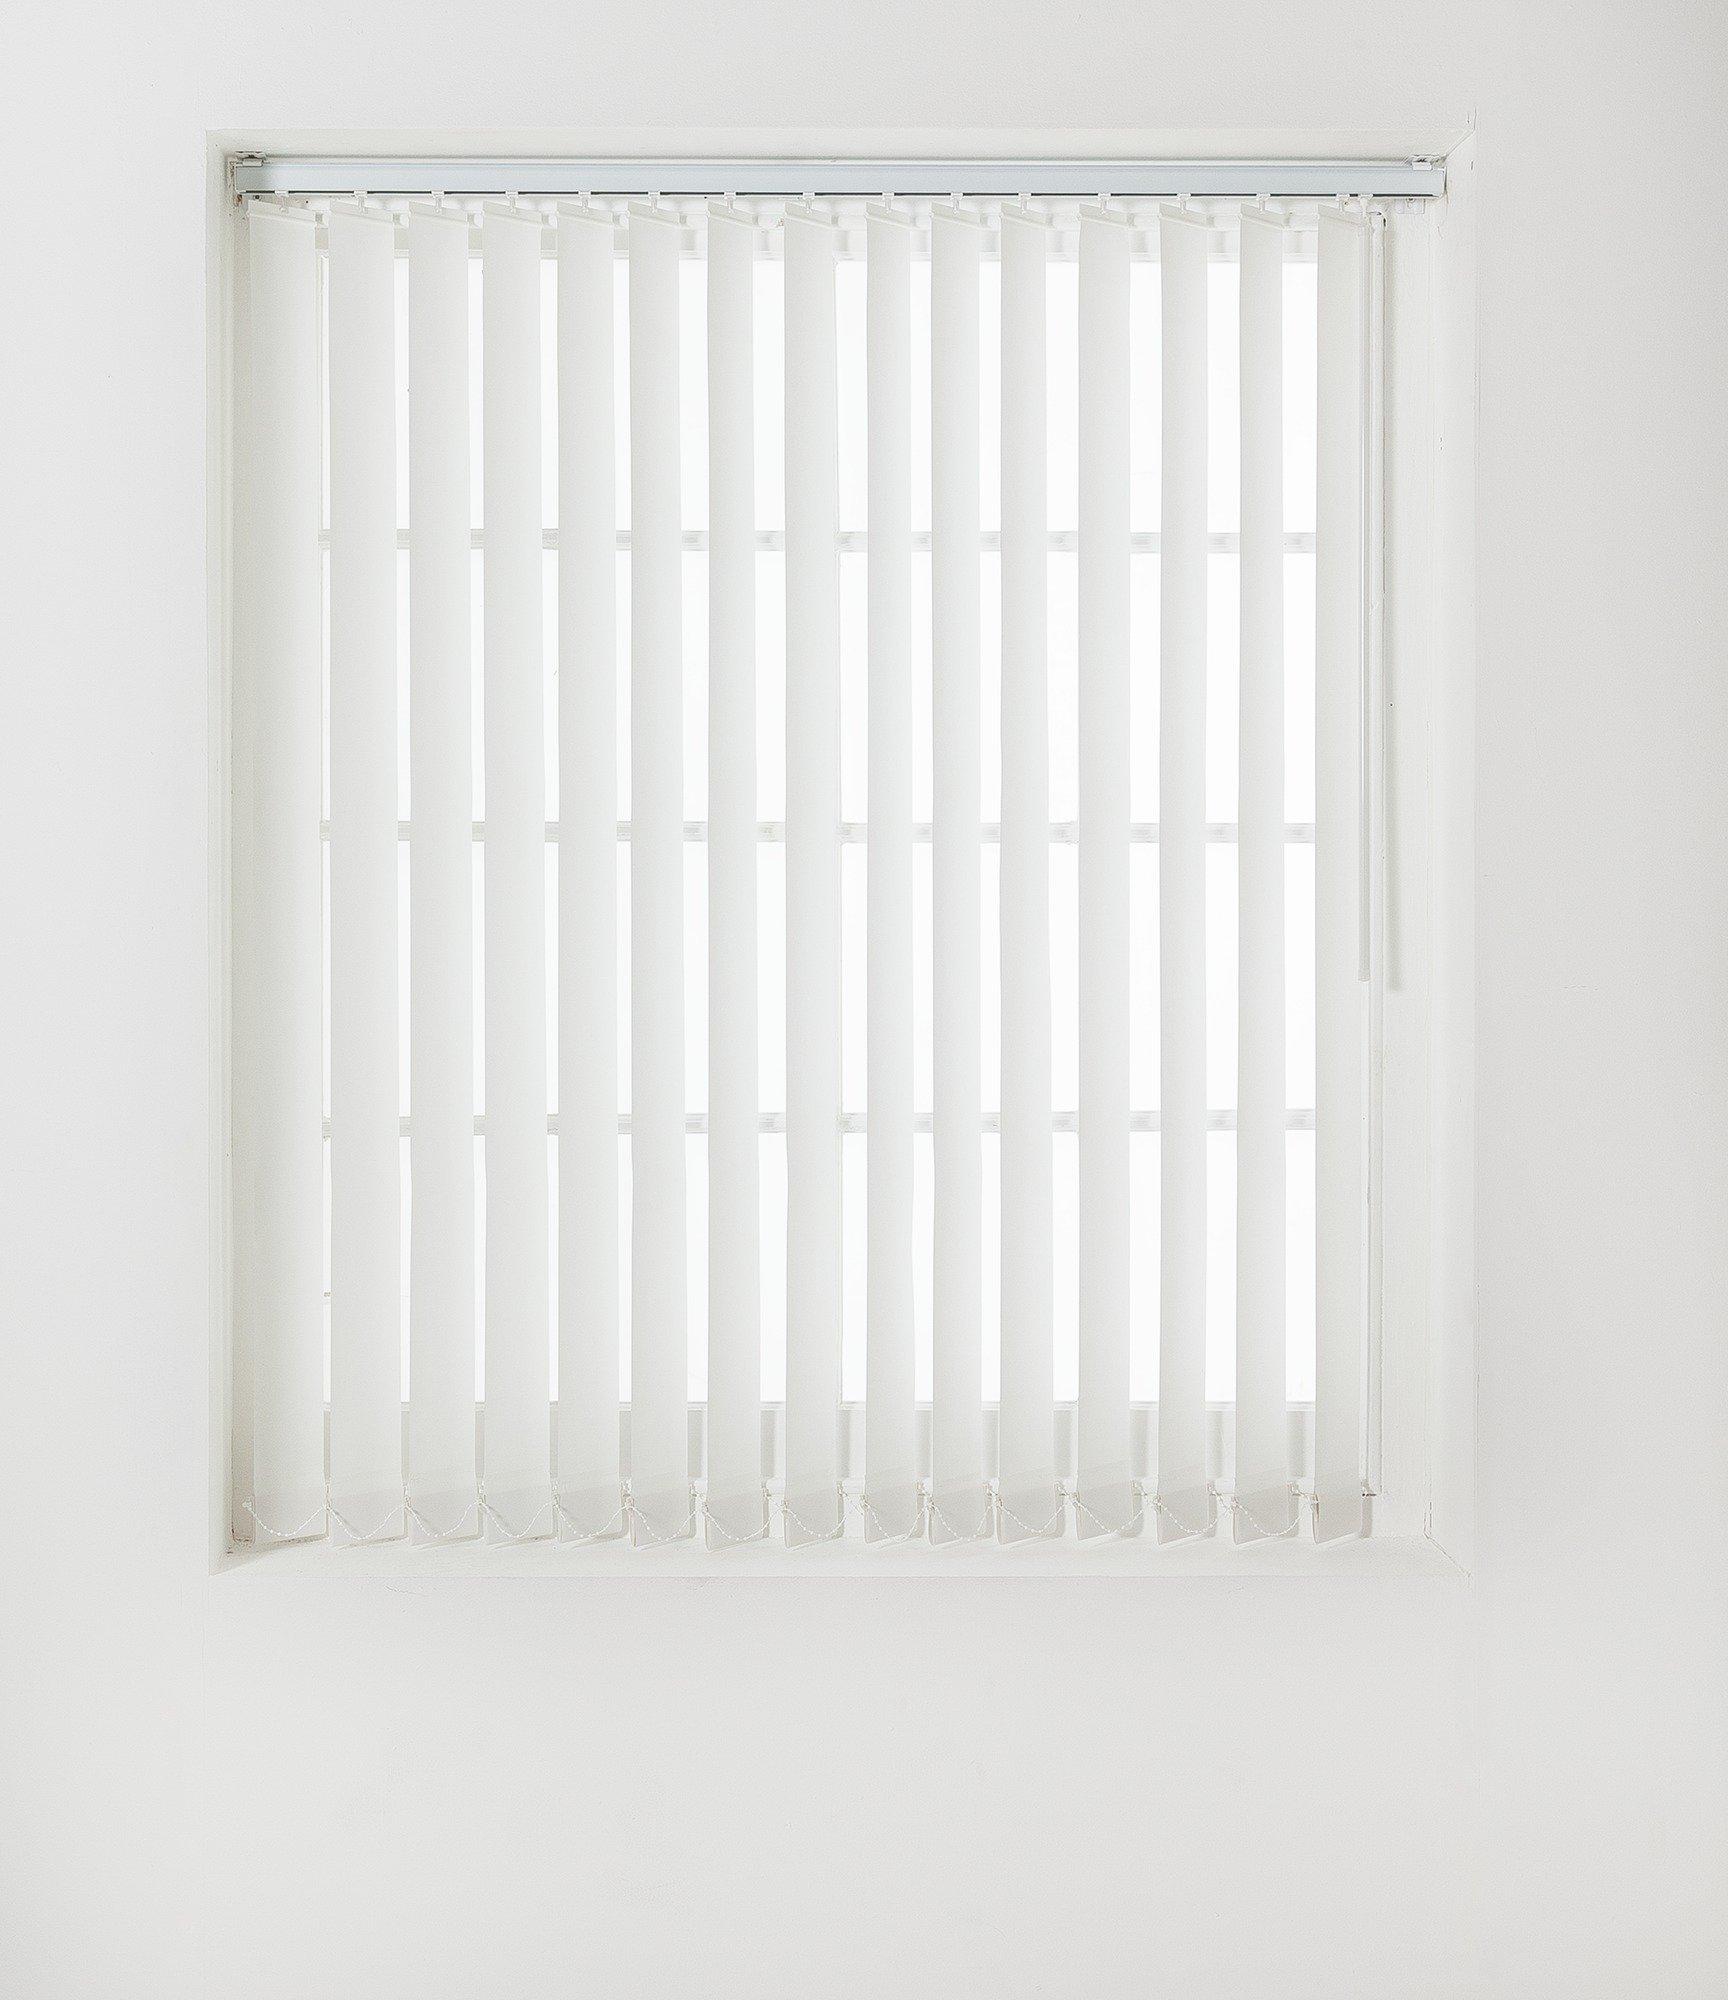 Argos Home Vertical Blinds Slat Pack 244x229cm White Dim